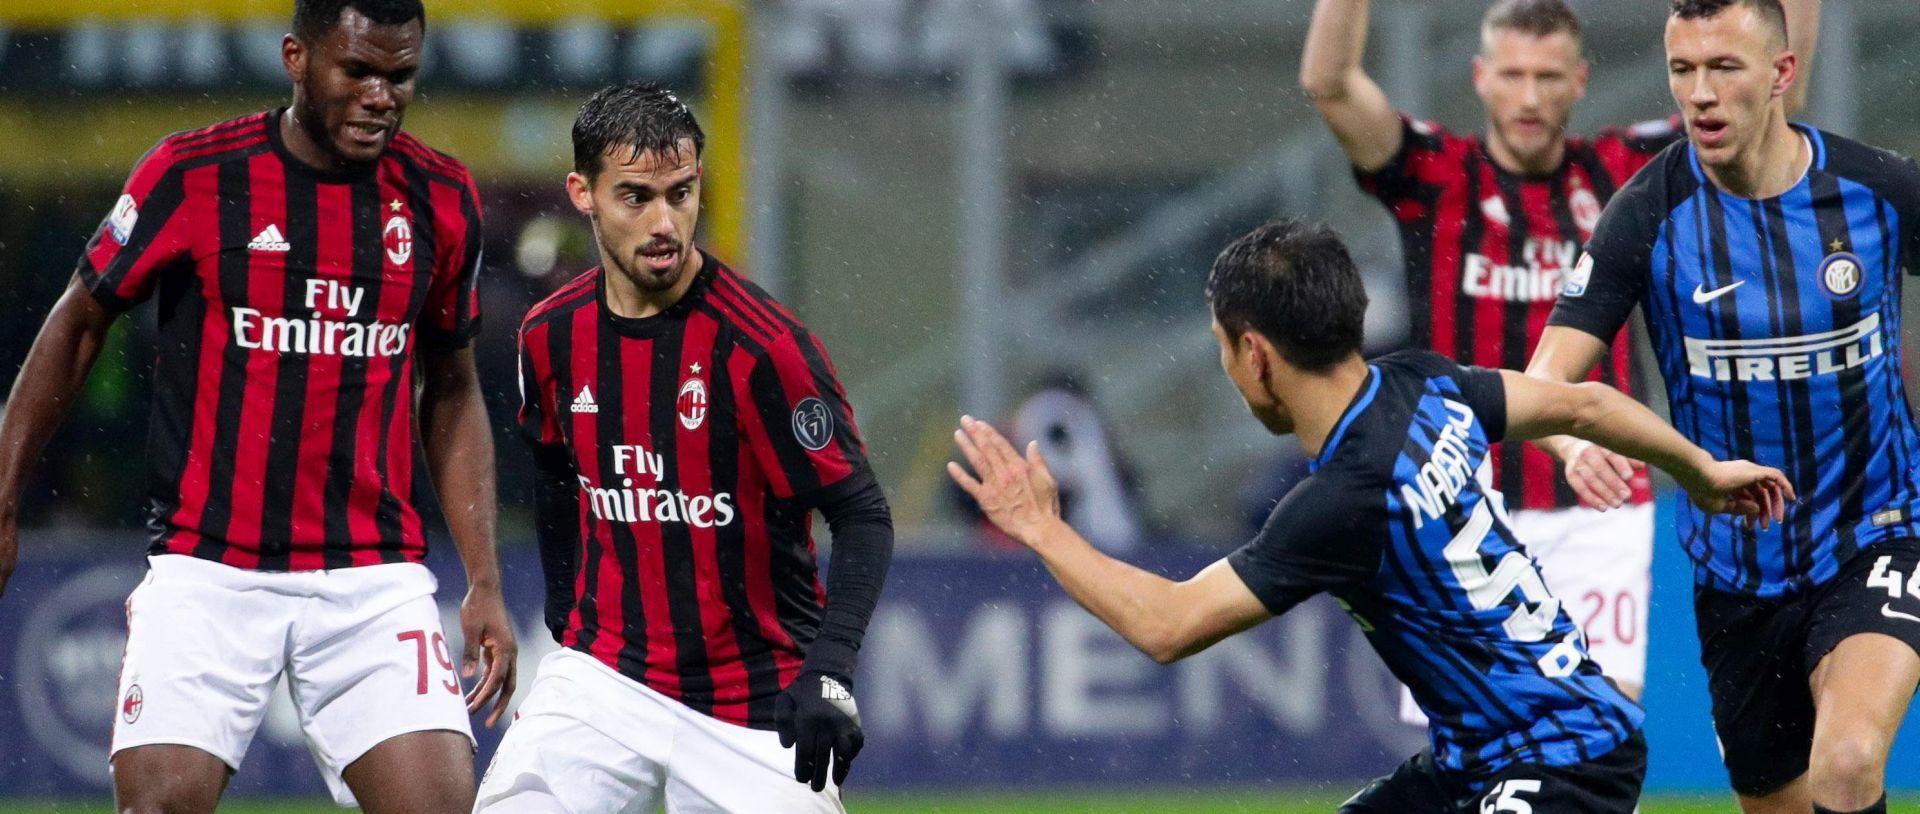 Milan u četvrtfinalu Kupa, Kalinić zaradio ozljedu